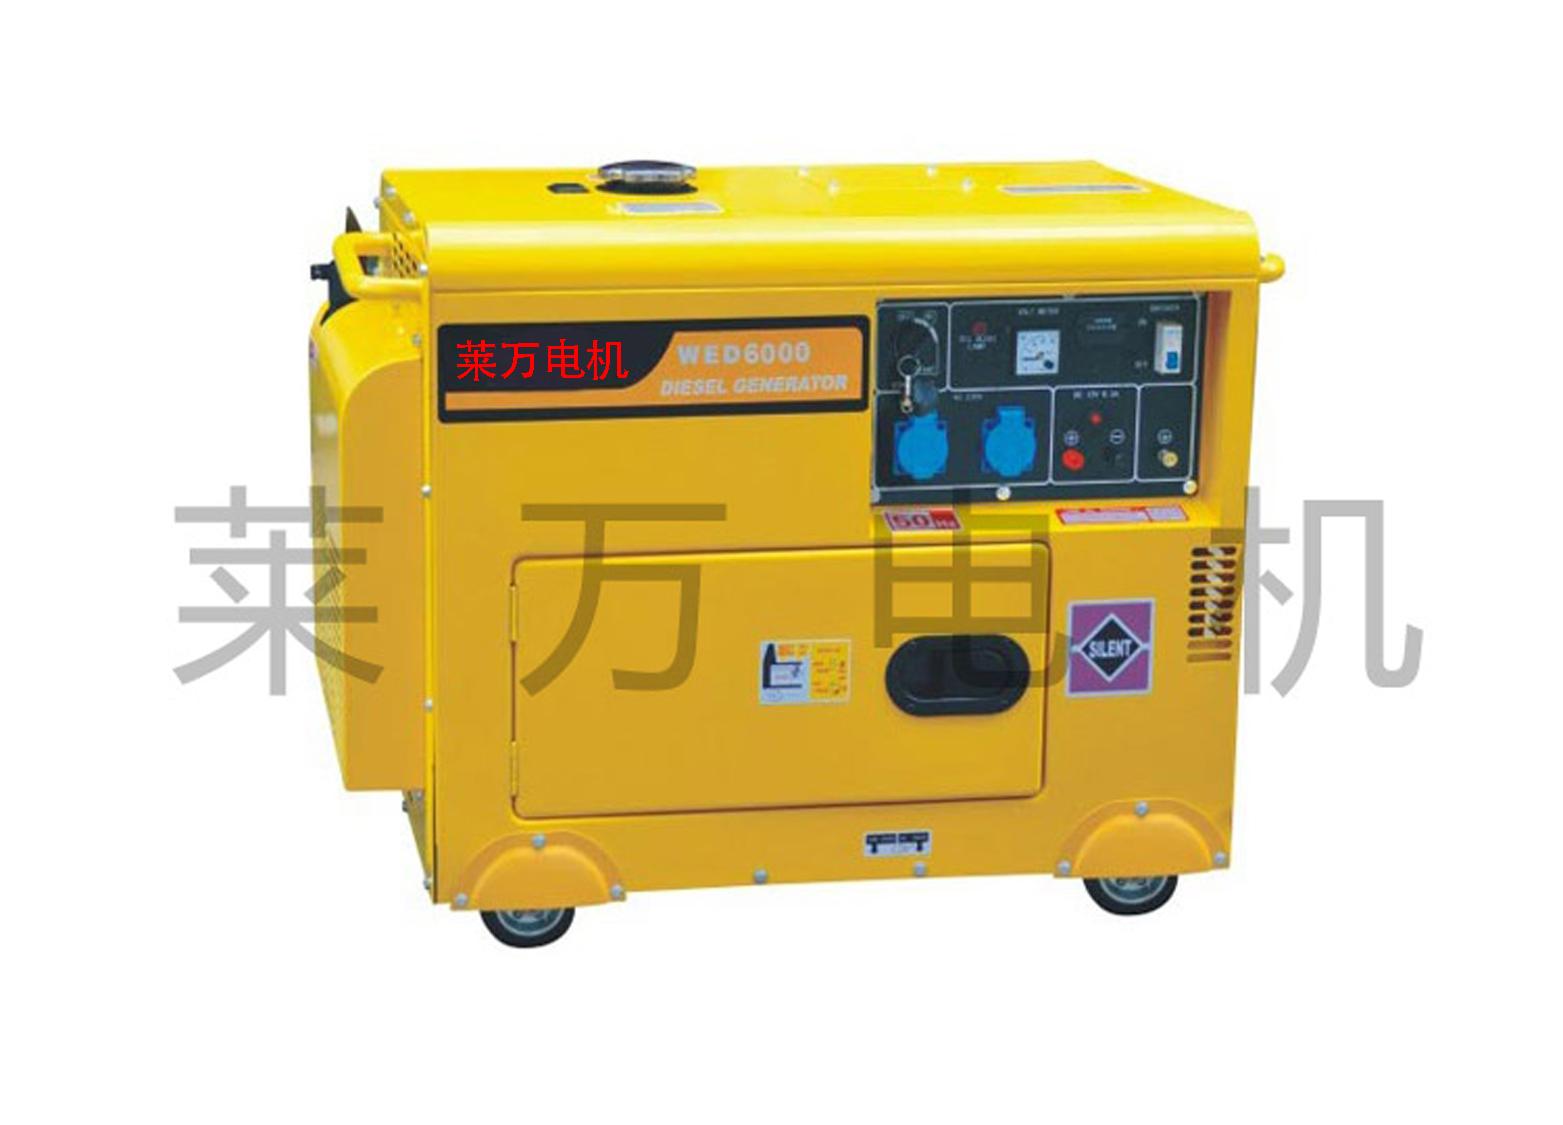 冷风静音柴油机组 冷风静音柴油机组批发 冷风静音柴油机组供应 冷风静音柴油机组厂家